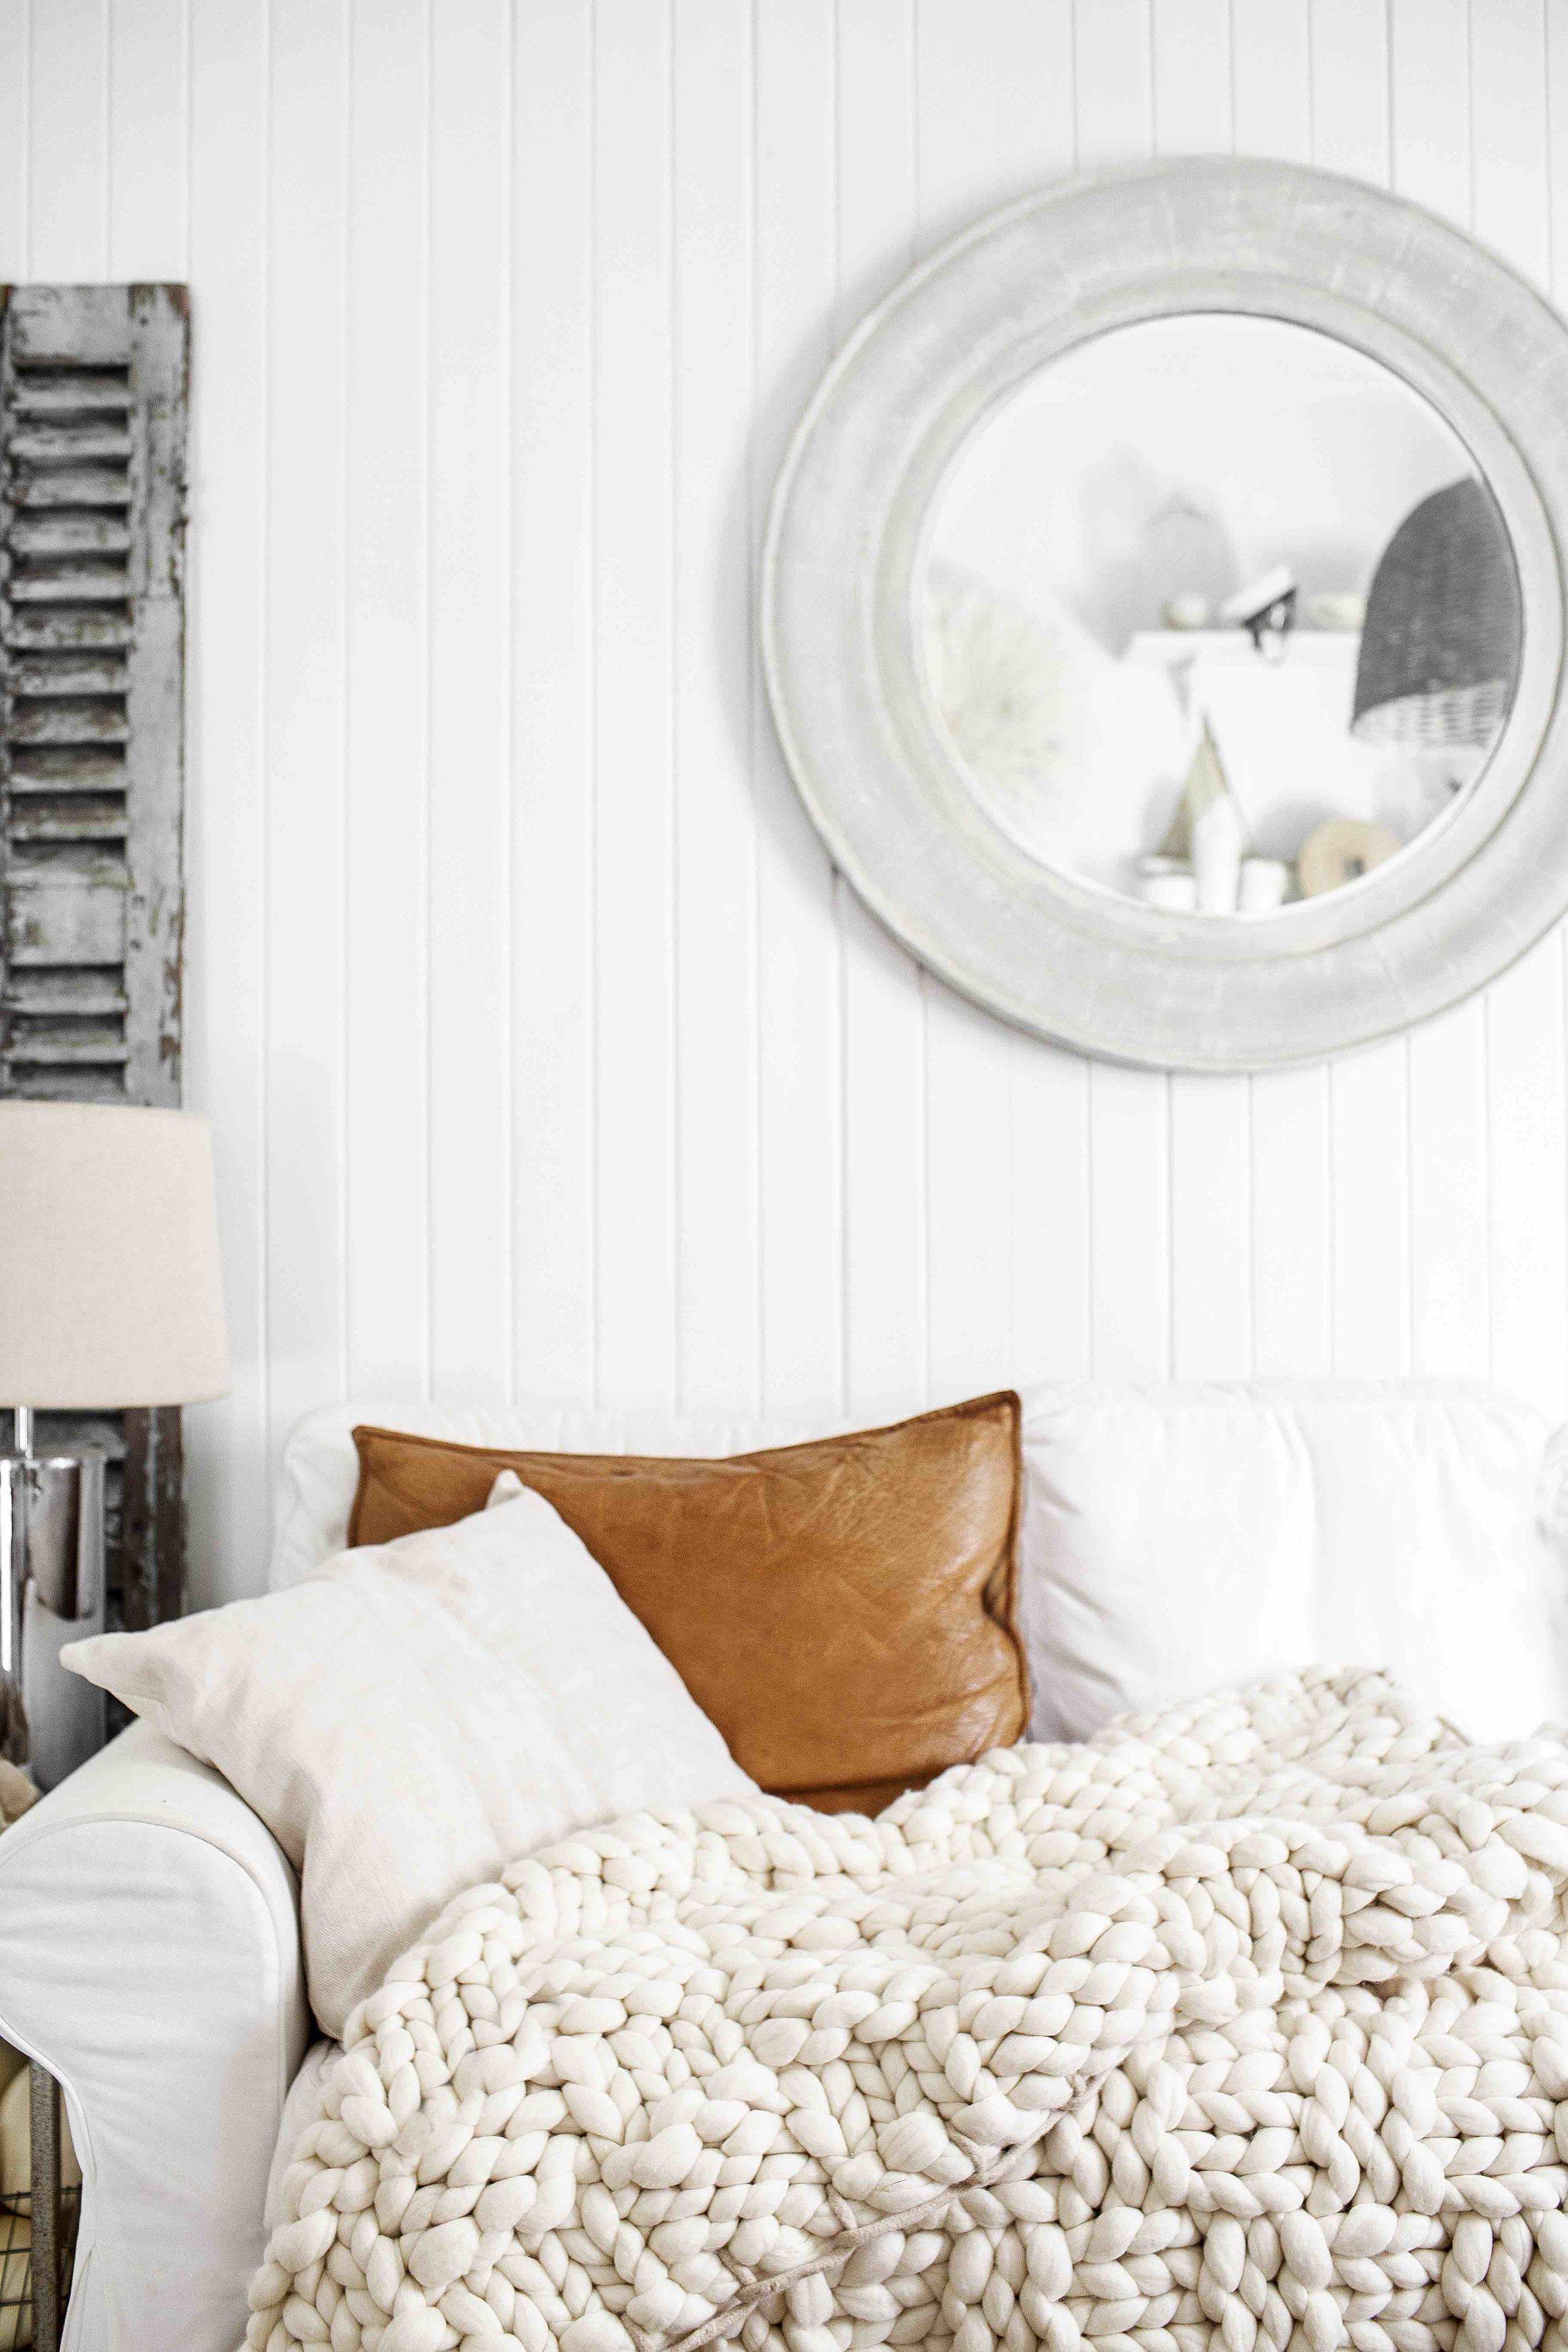 Kara rosenund's image of woollie copy.jpg